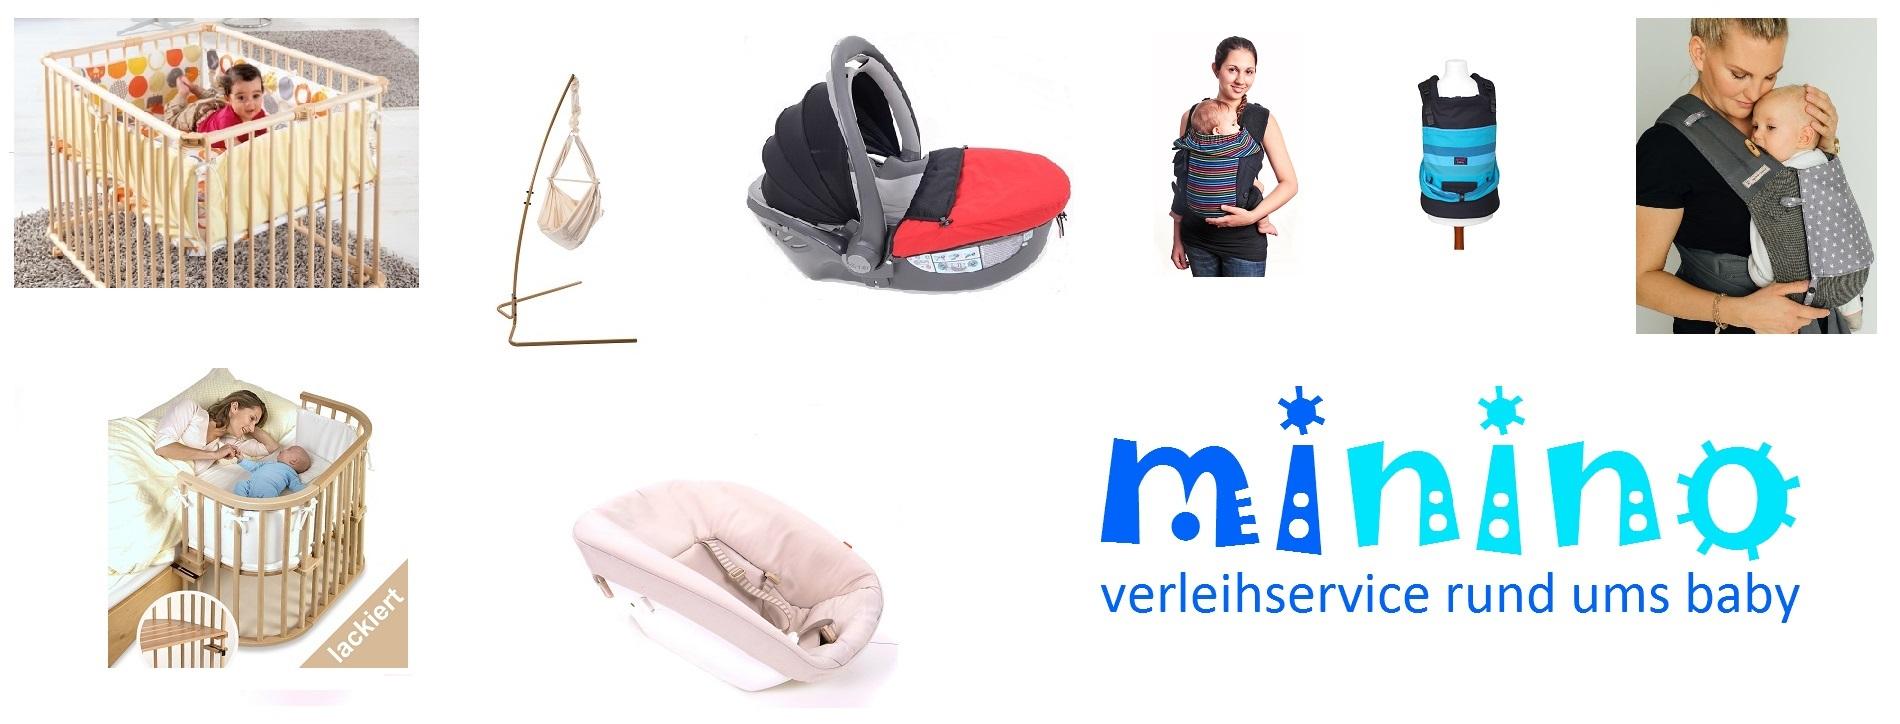 Partner von Minino – Verleihservice rund ums Baby